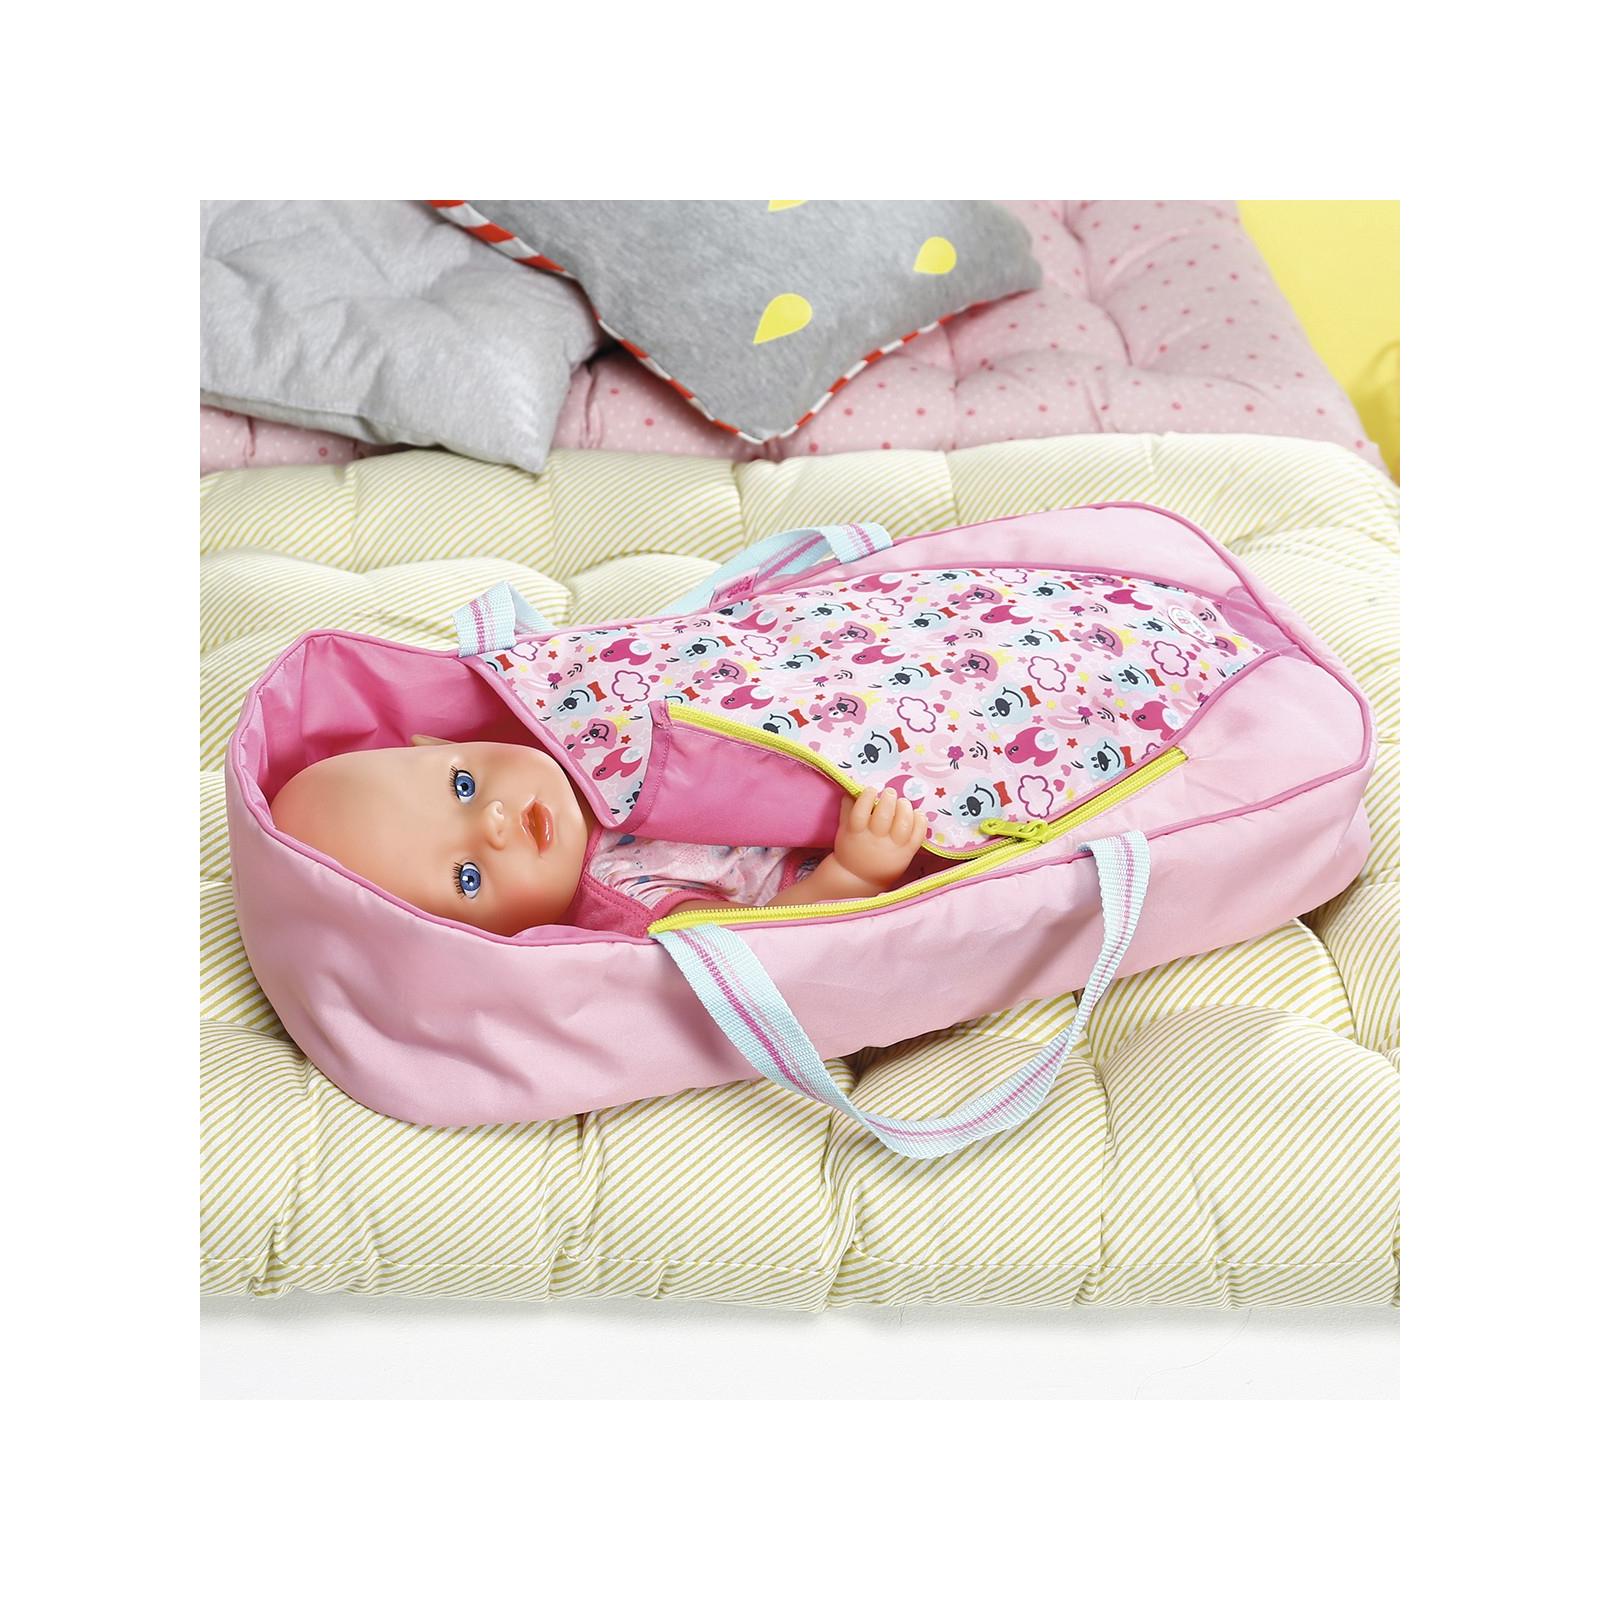 Аксессуар к кукле Zapf Люлька-переноска Baby Born 2 в 1 Яркие сны (824429) изображение 5